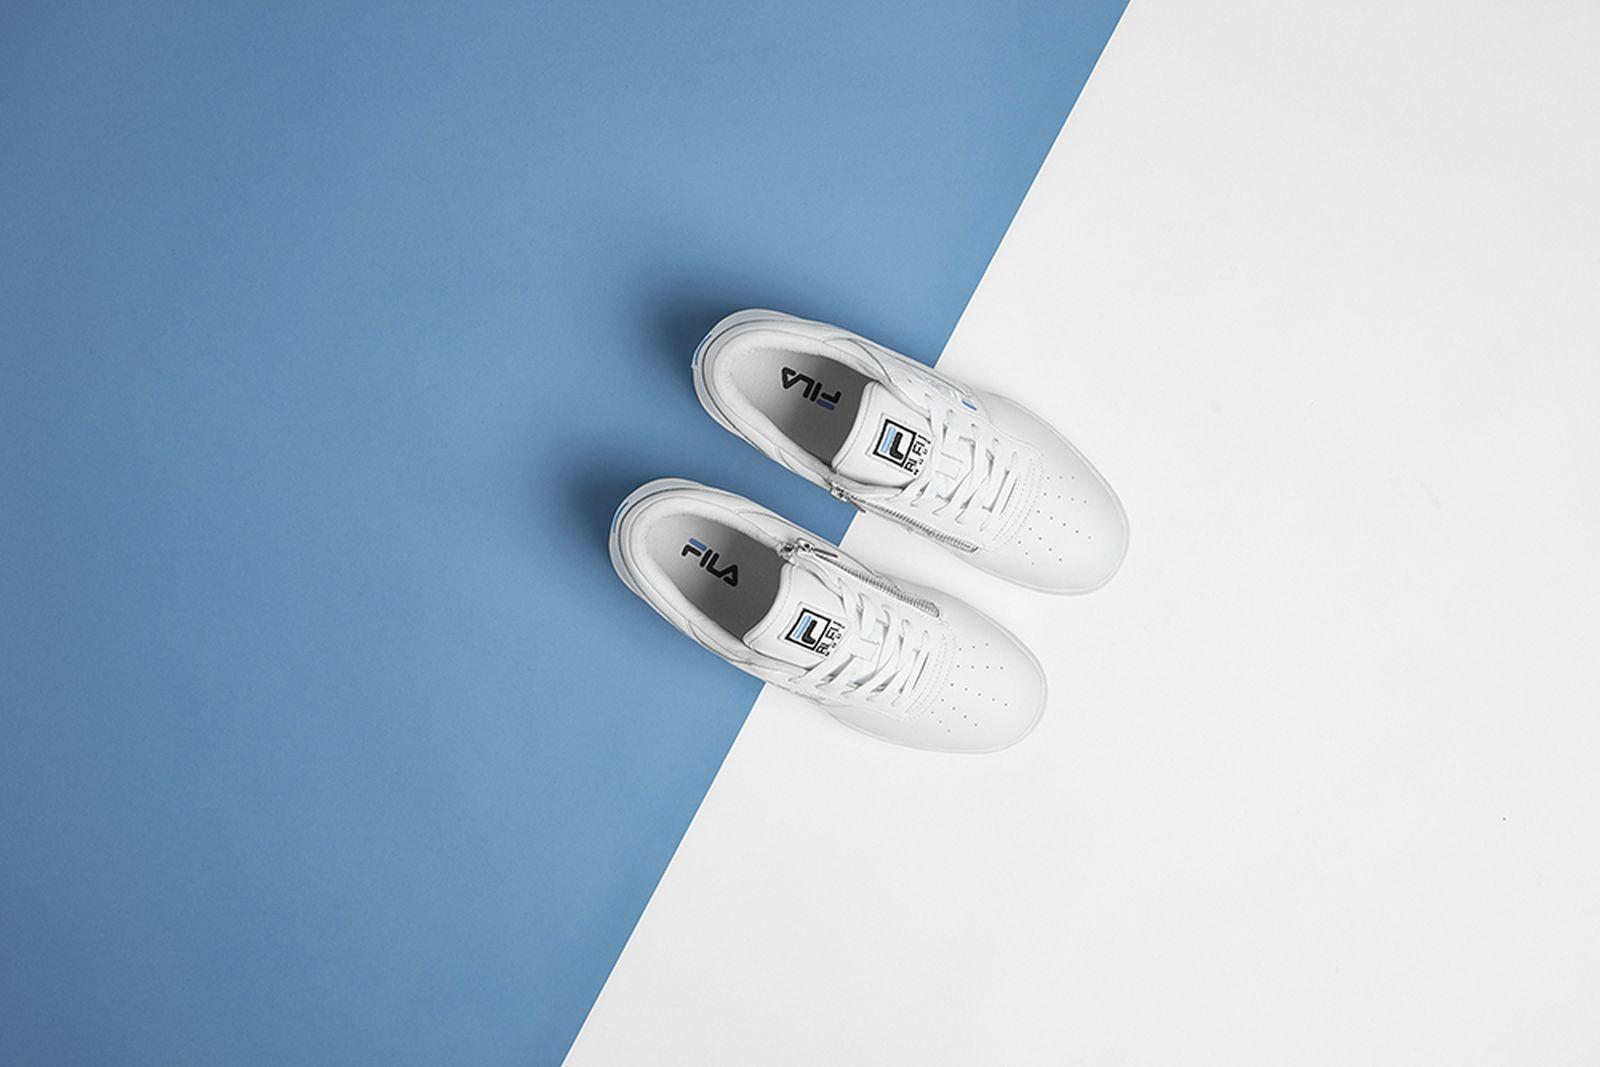 bleu-mode-fila-original-fitness-zipper-release-date-price-04